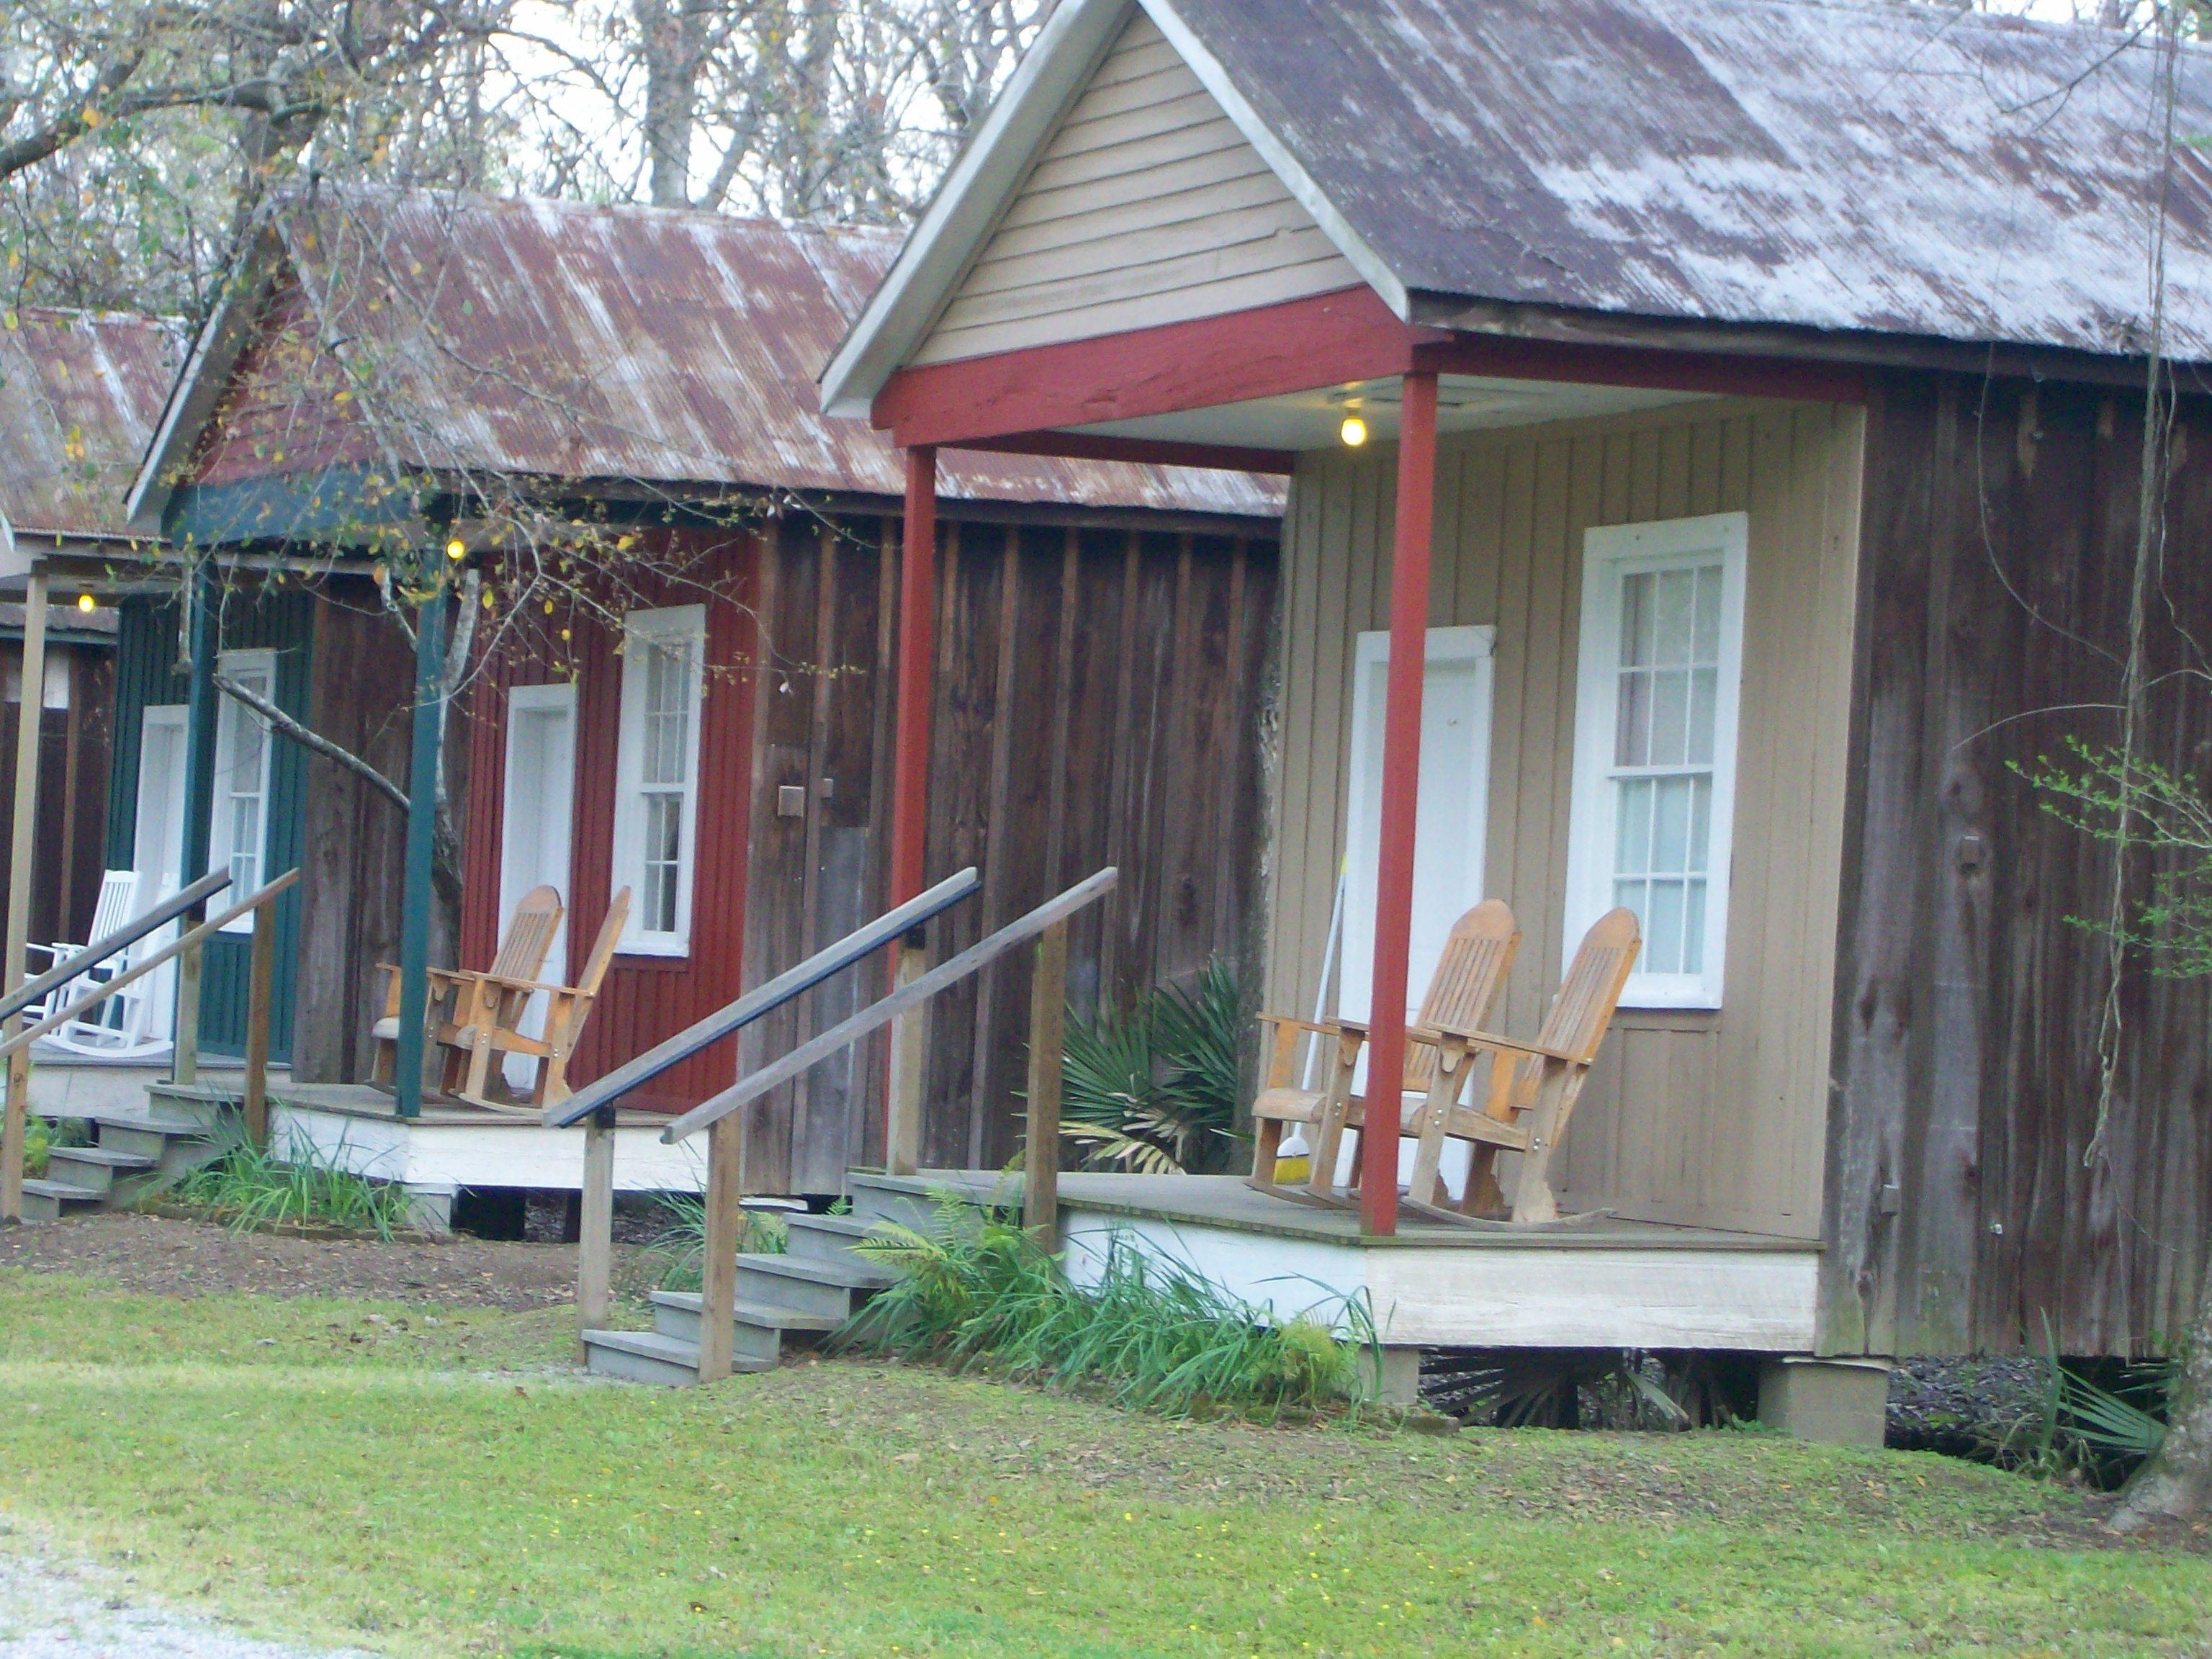 The Cajun Village Cottages